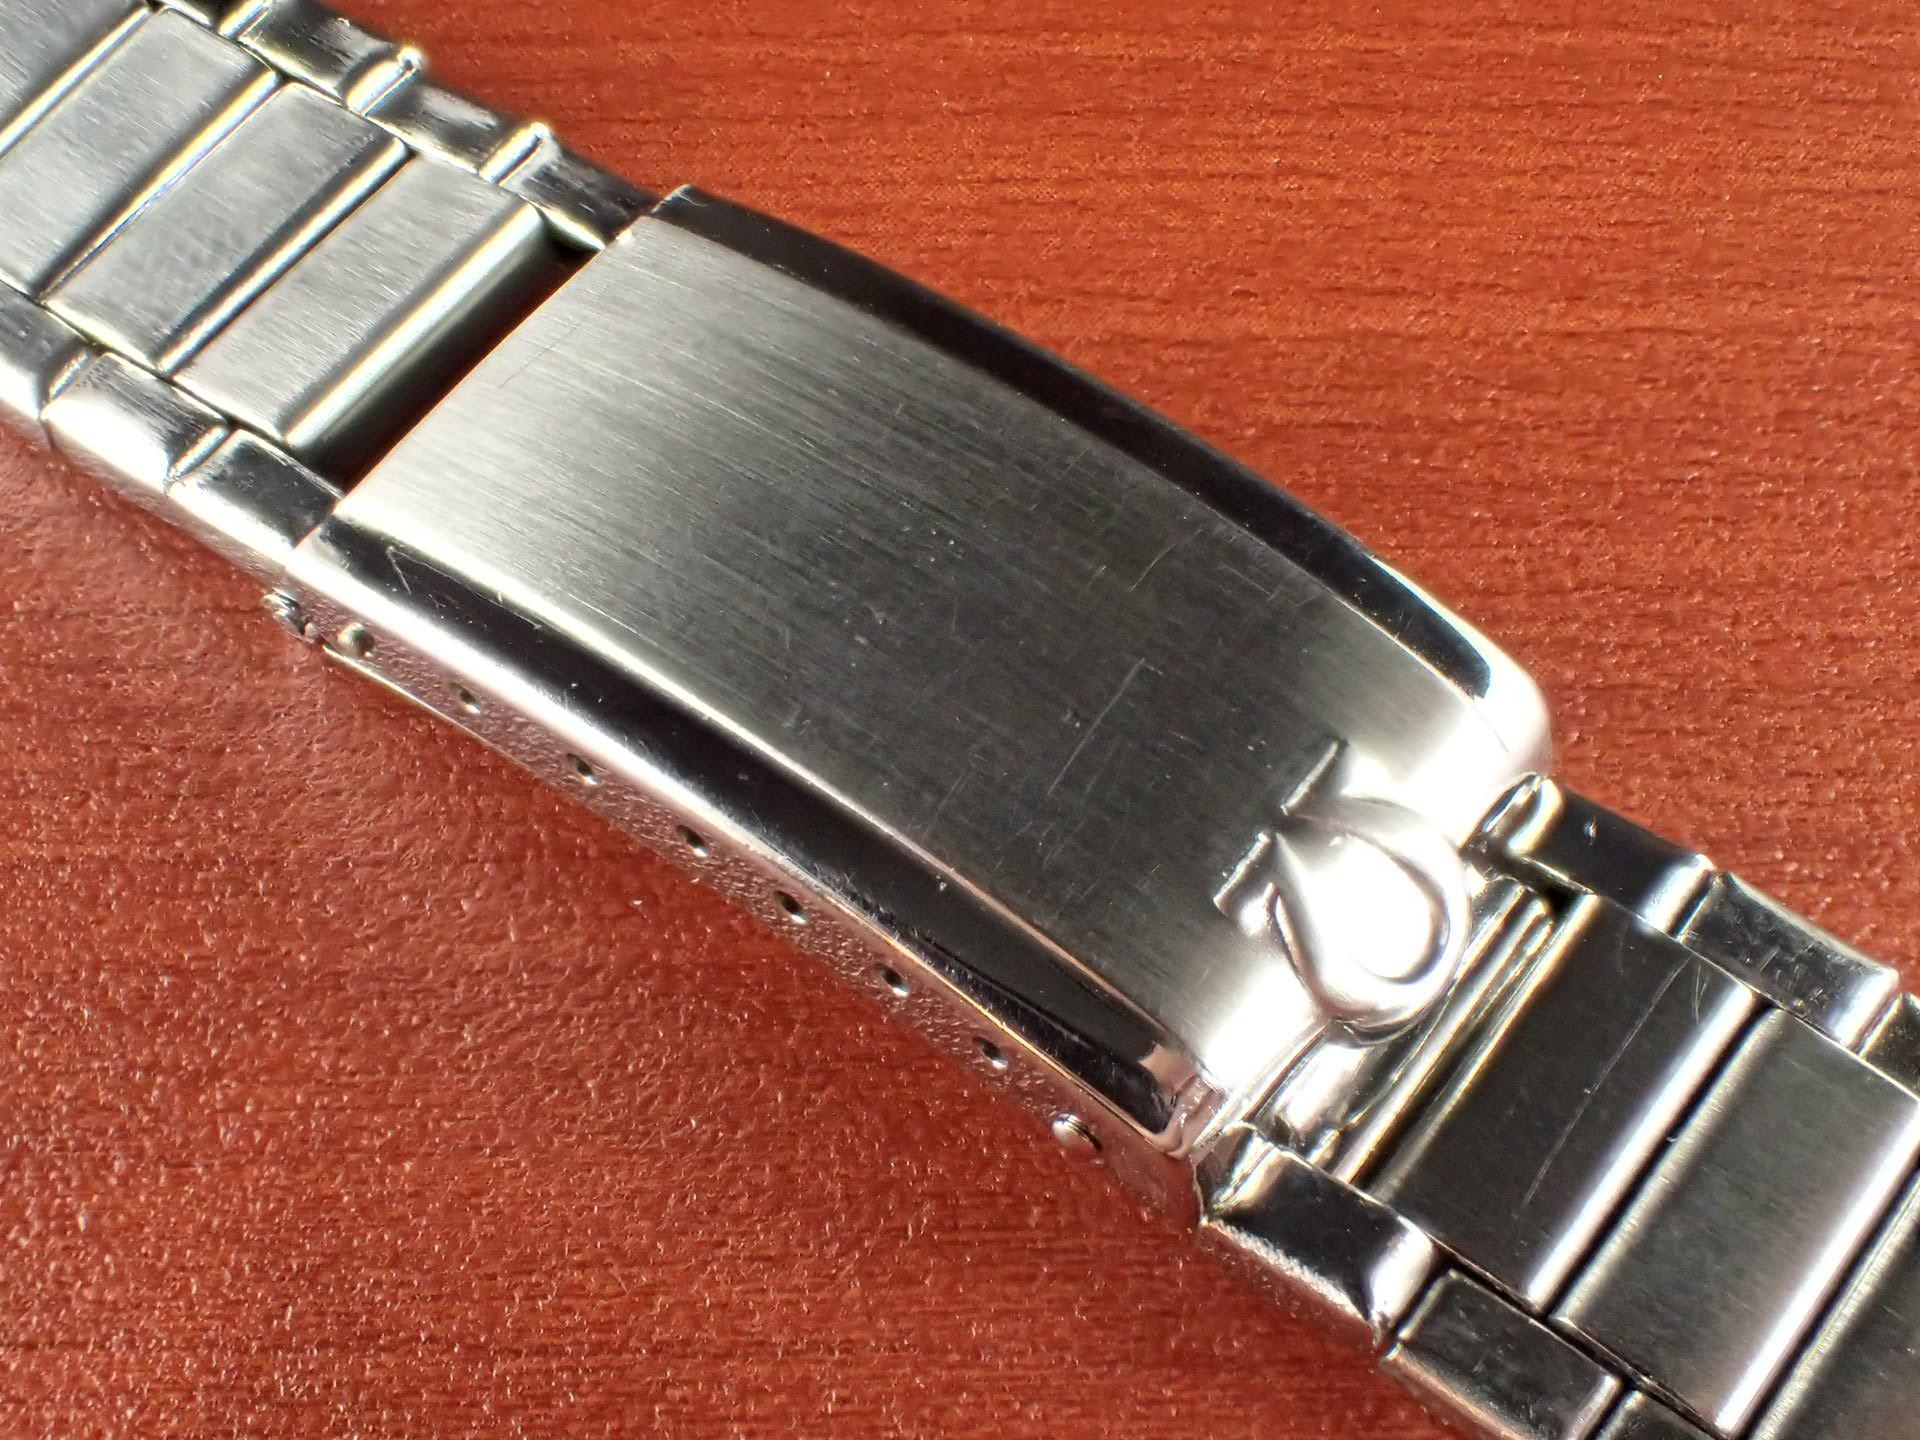 オメガ キャタピラブレス 18mm Ref:7912 1961年製の写真6枚目